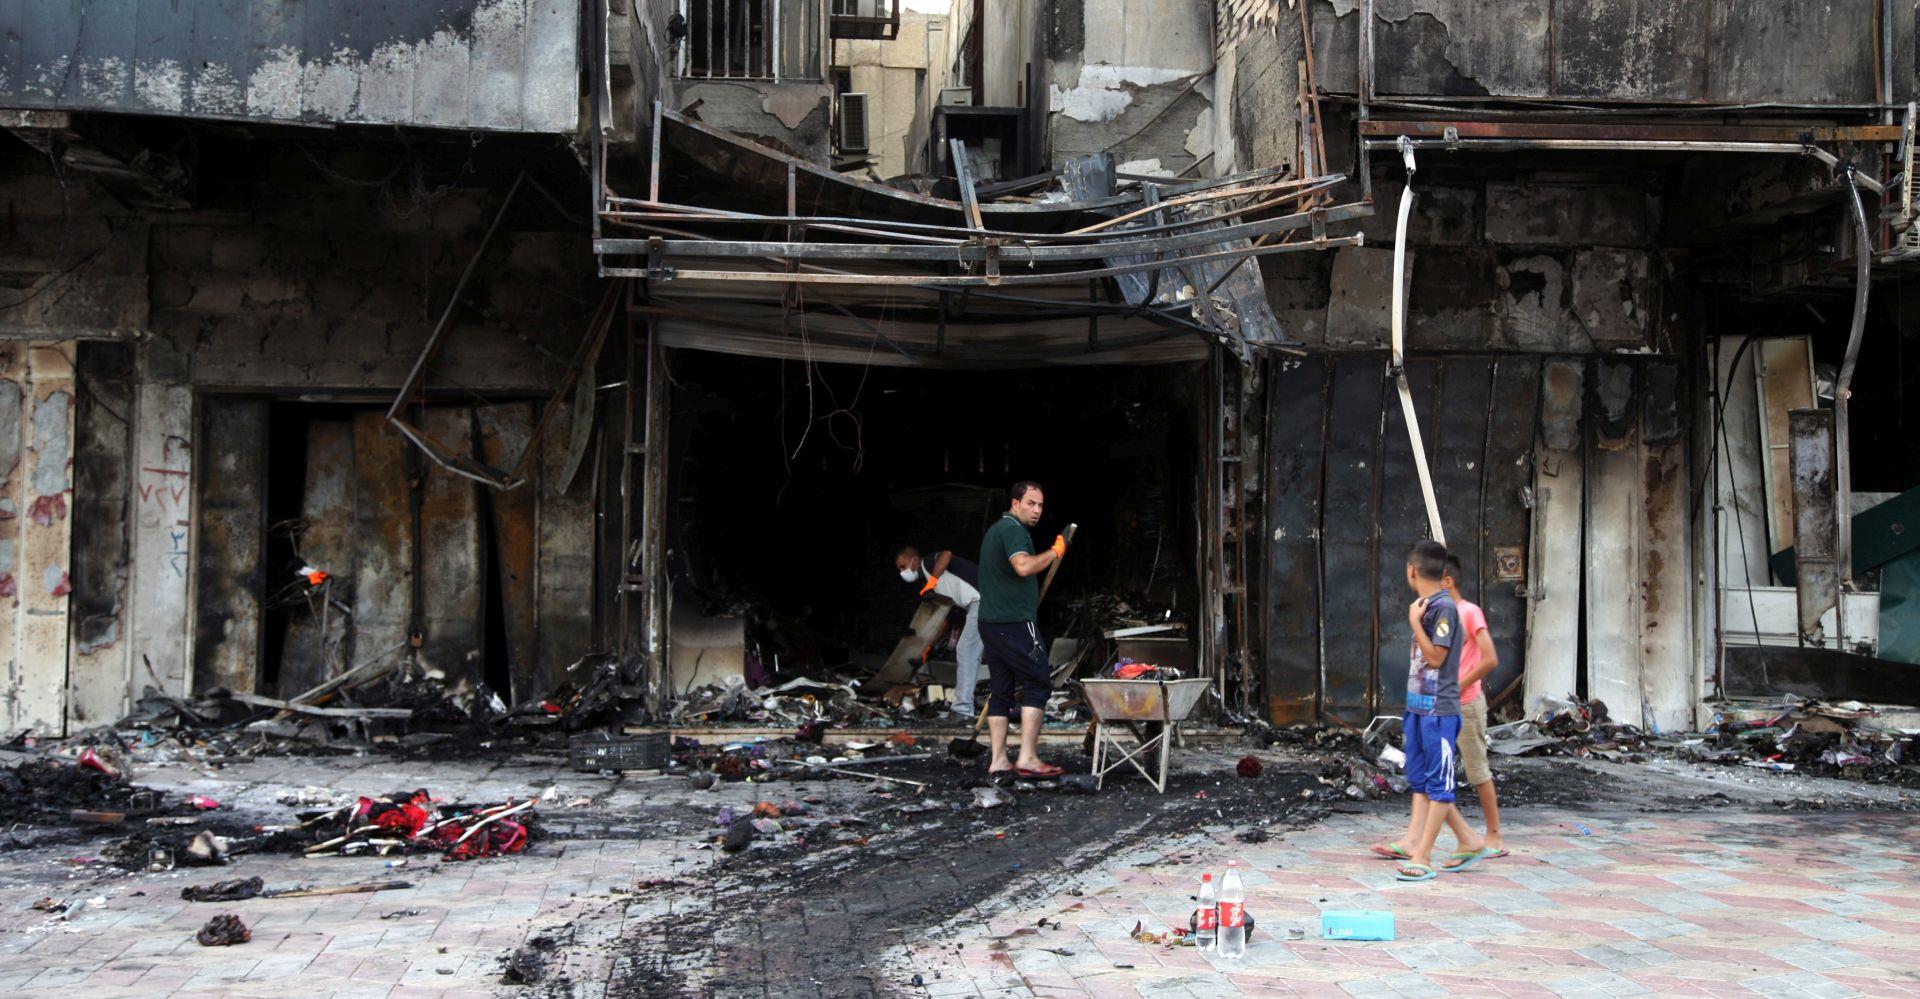 AMERIČKI DUŽNOSNICI Islamska država jednako jaka, ali zaustavljen je napredak